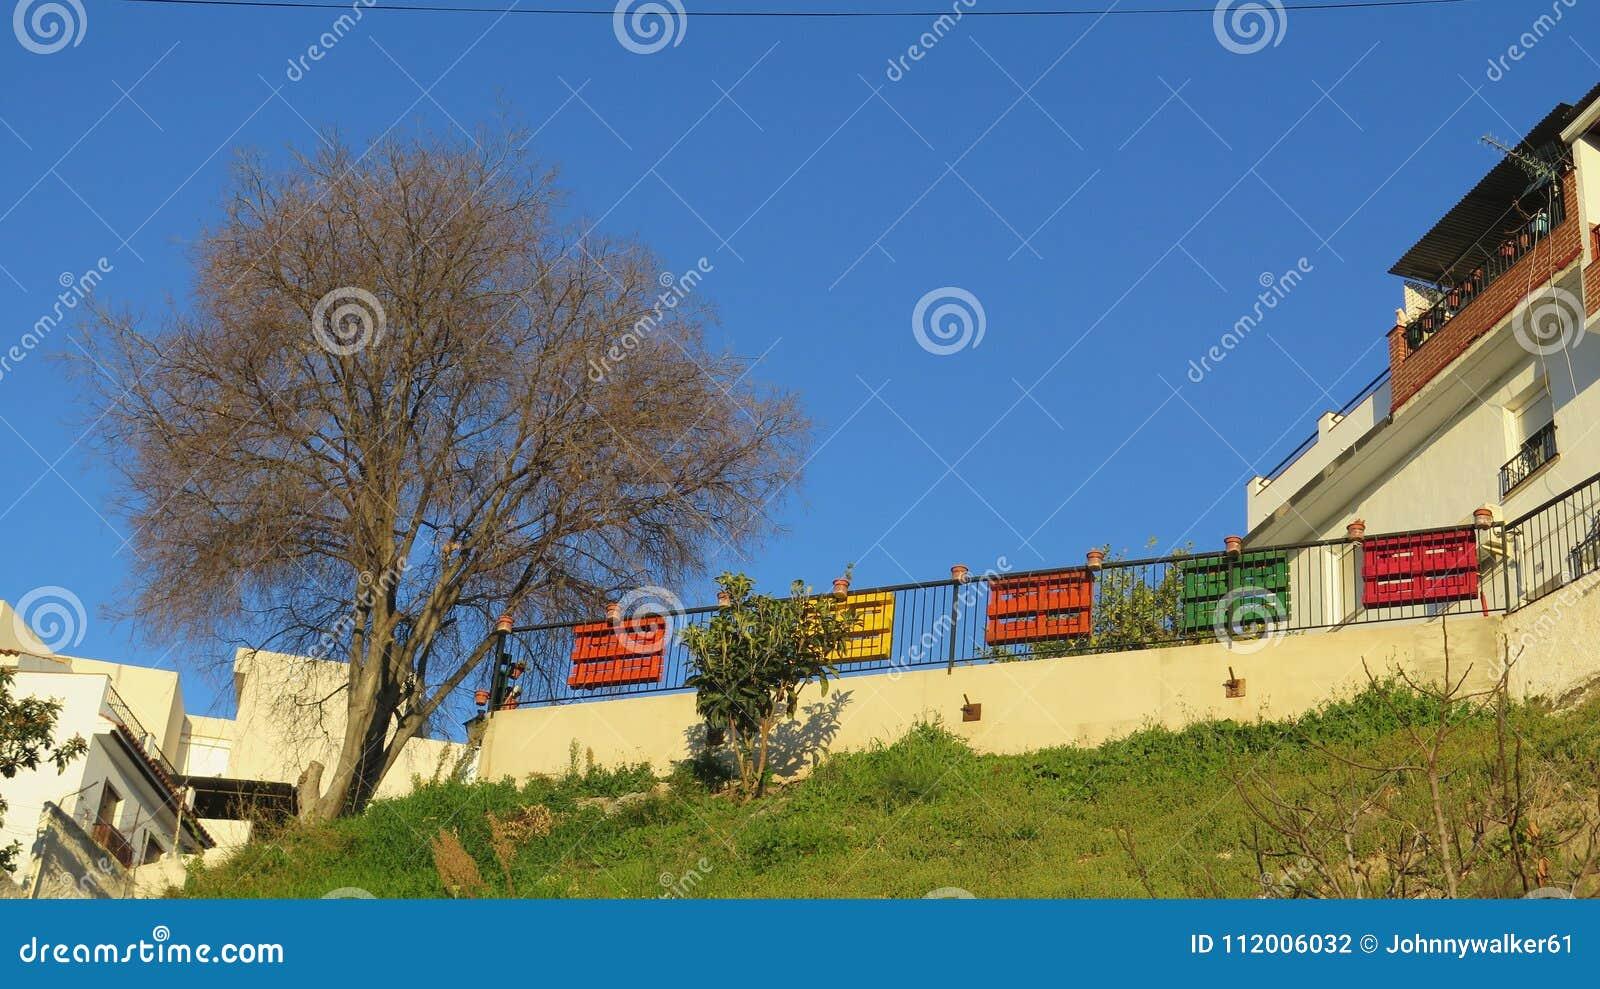 ansicht von gemalten paletten auf zaun stockfoto - bild von blumen